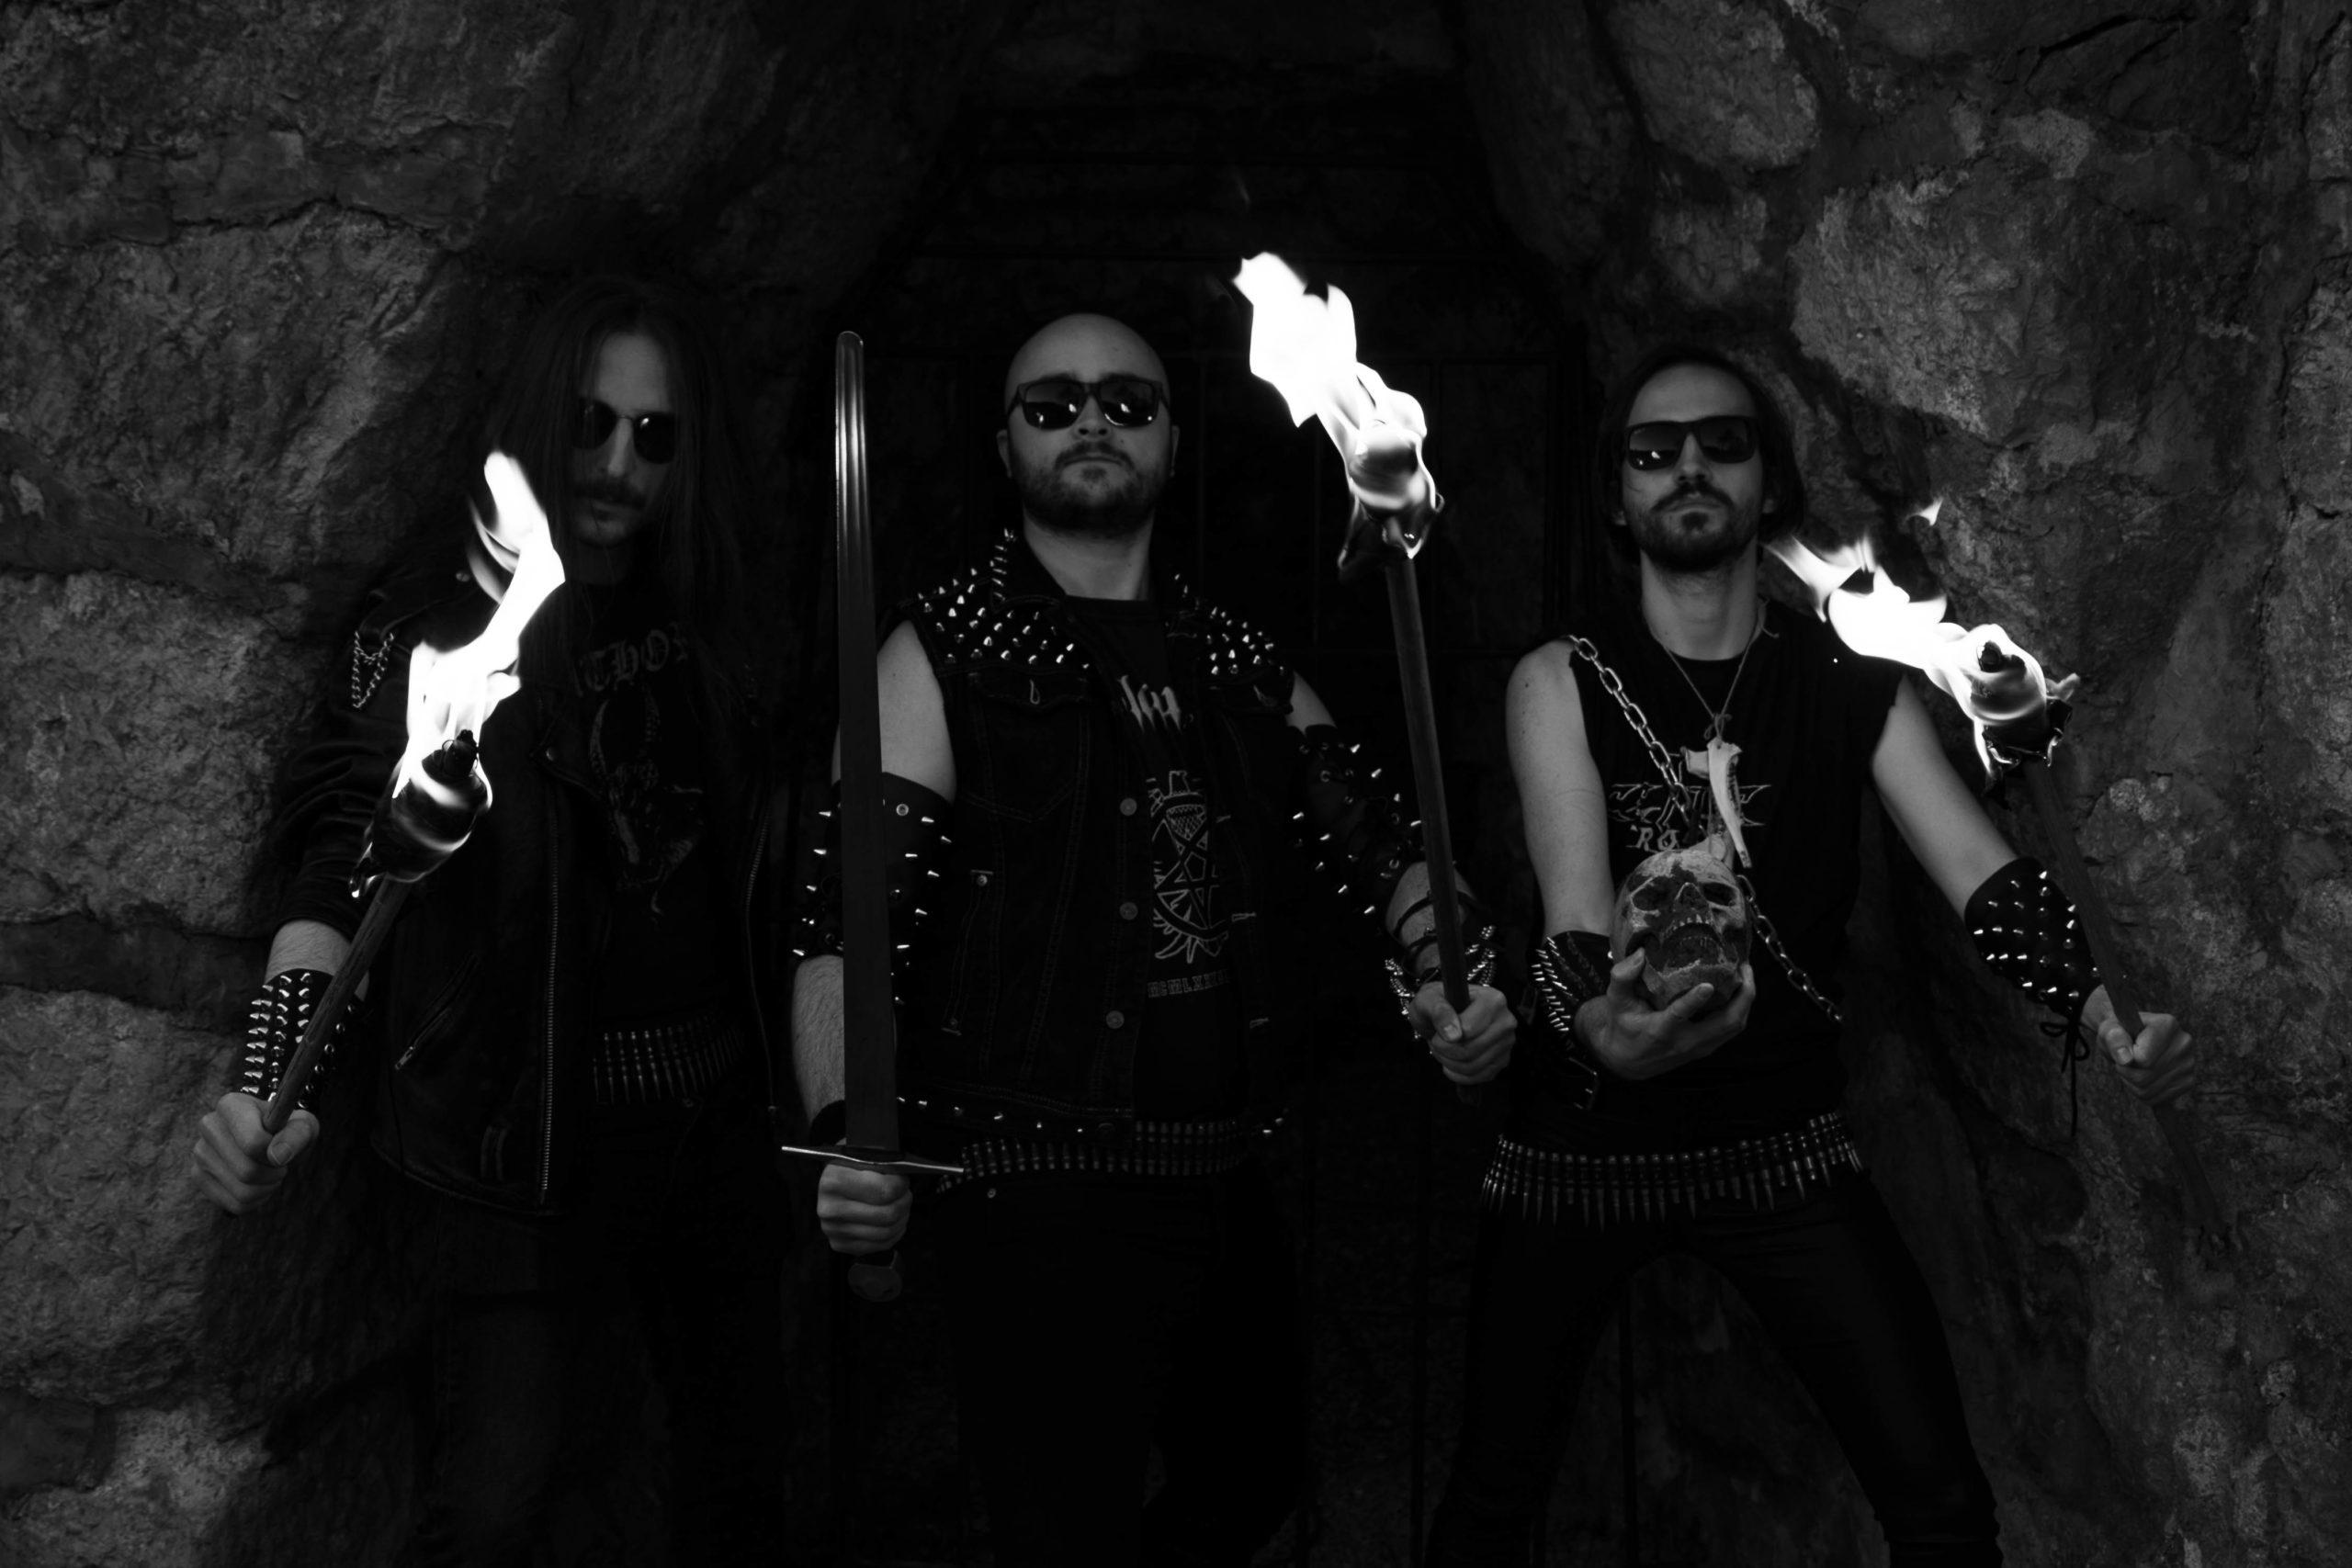 """Hellswordin uusi single """"Chains of Mortality"""" KaaosZinen ennakkokuuntelussa"""